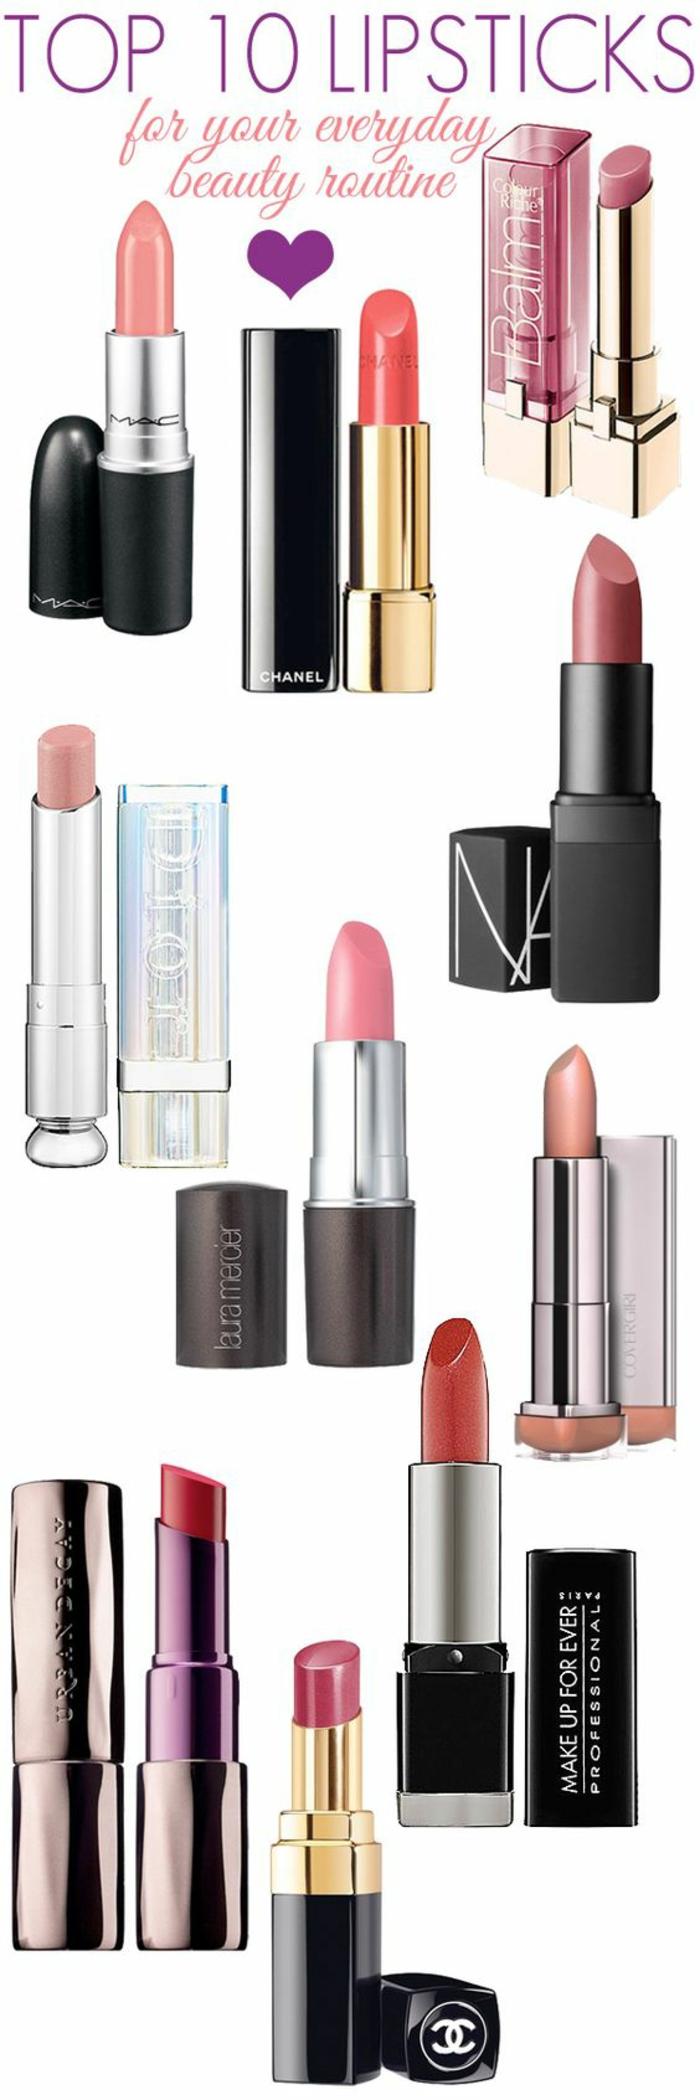 une sélection des meilleurs rouges à lèvre pour un maquillage léger de tous les jours